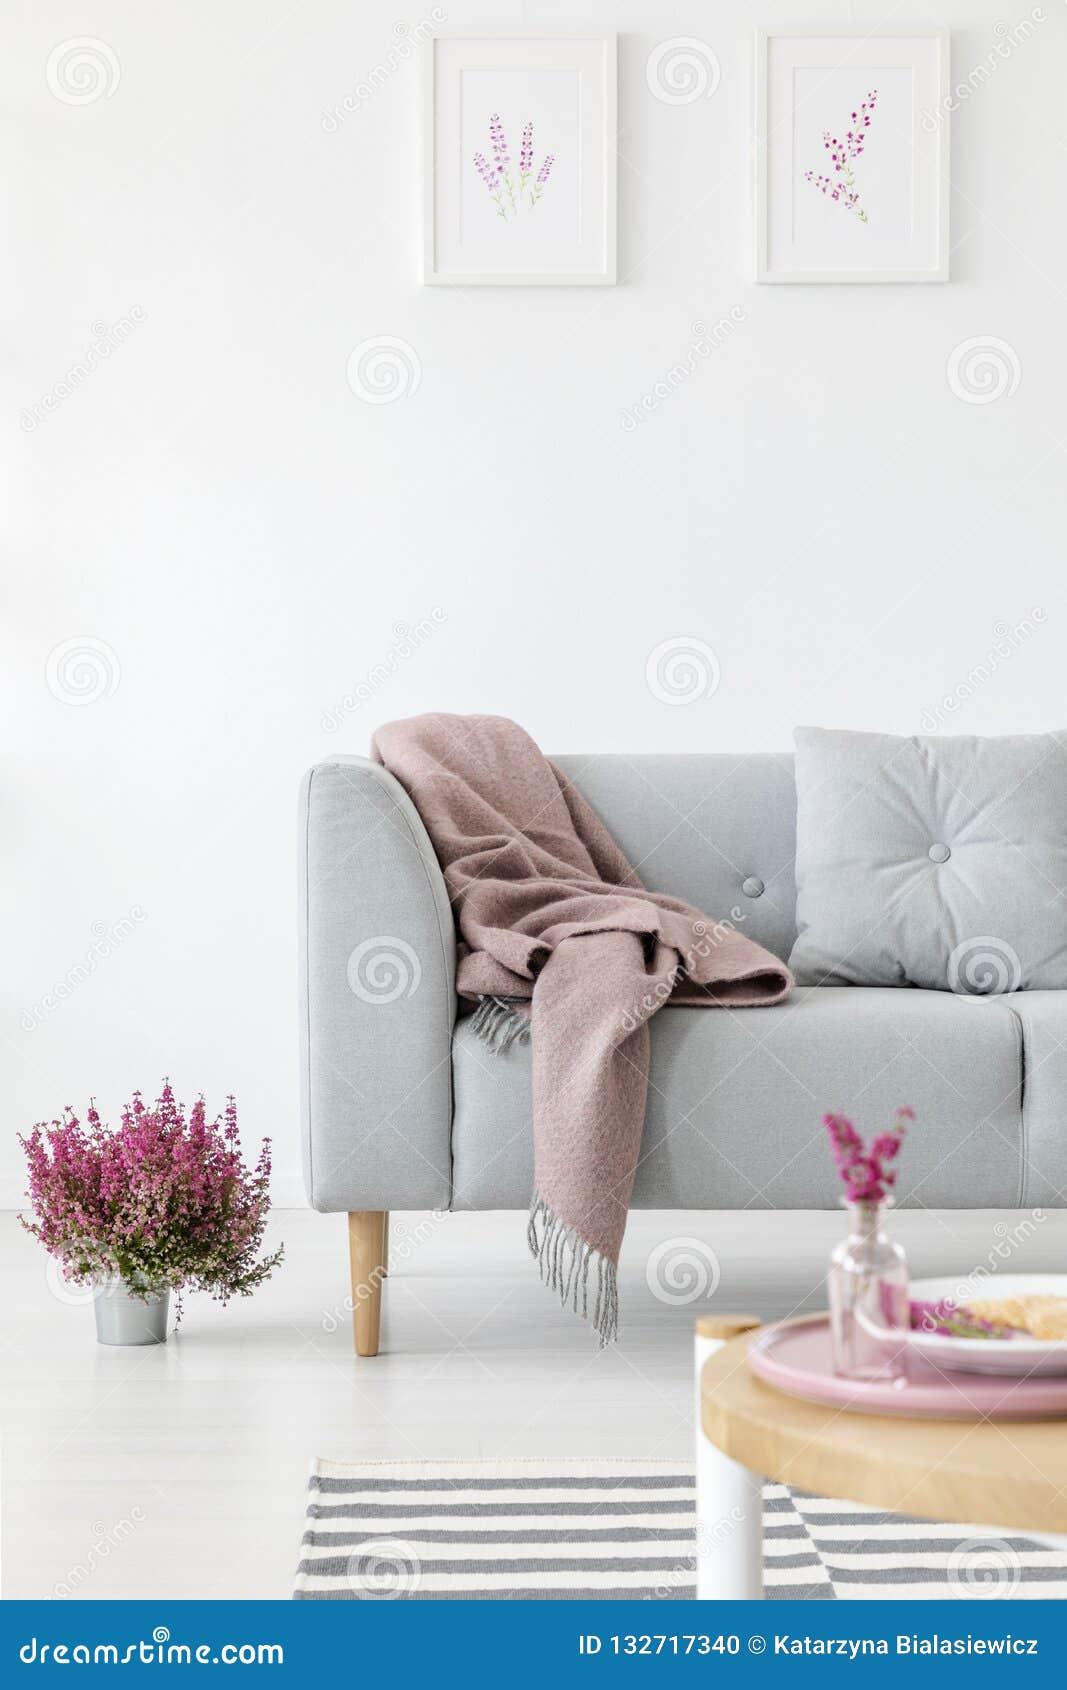 Verticale mening van comfortabele grijze laag in helder woonkamerbinnenland met heide in pot en grafiek i